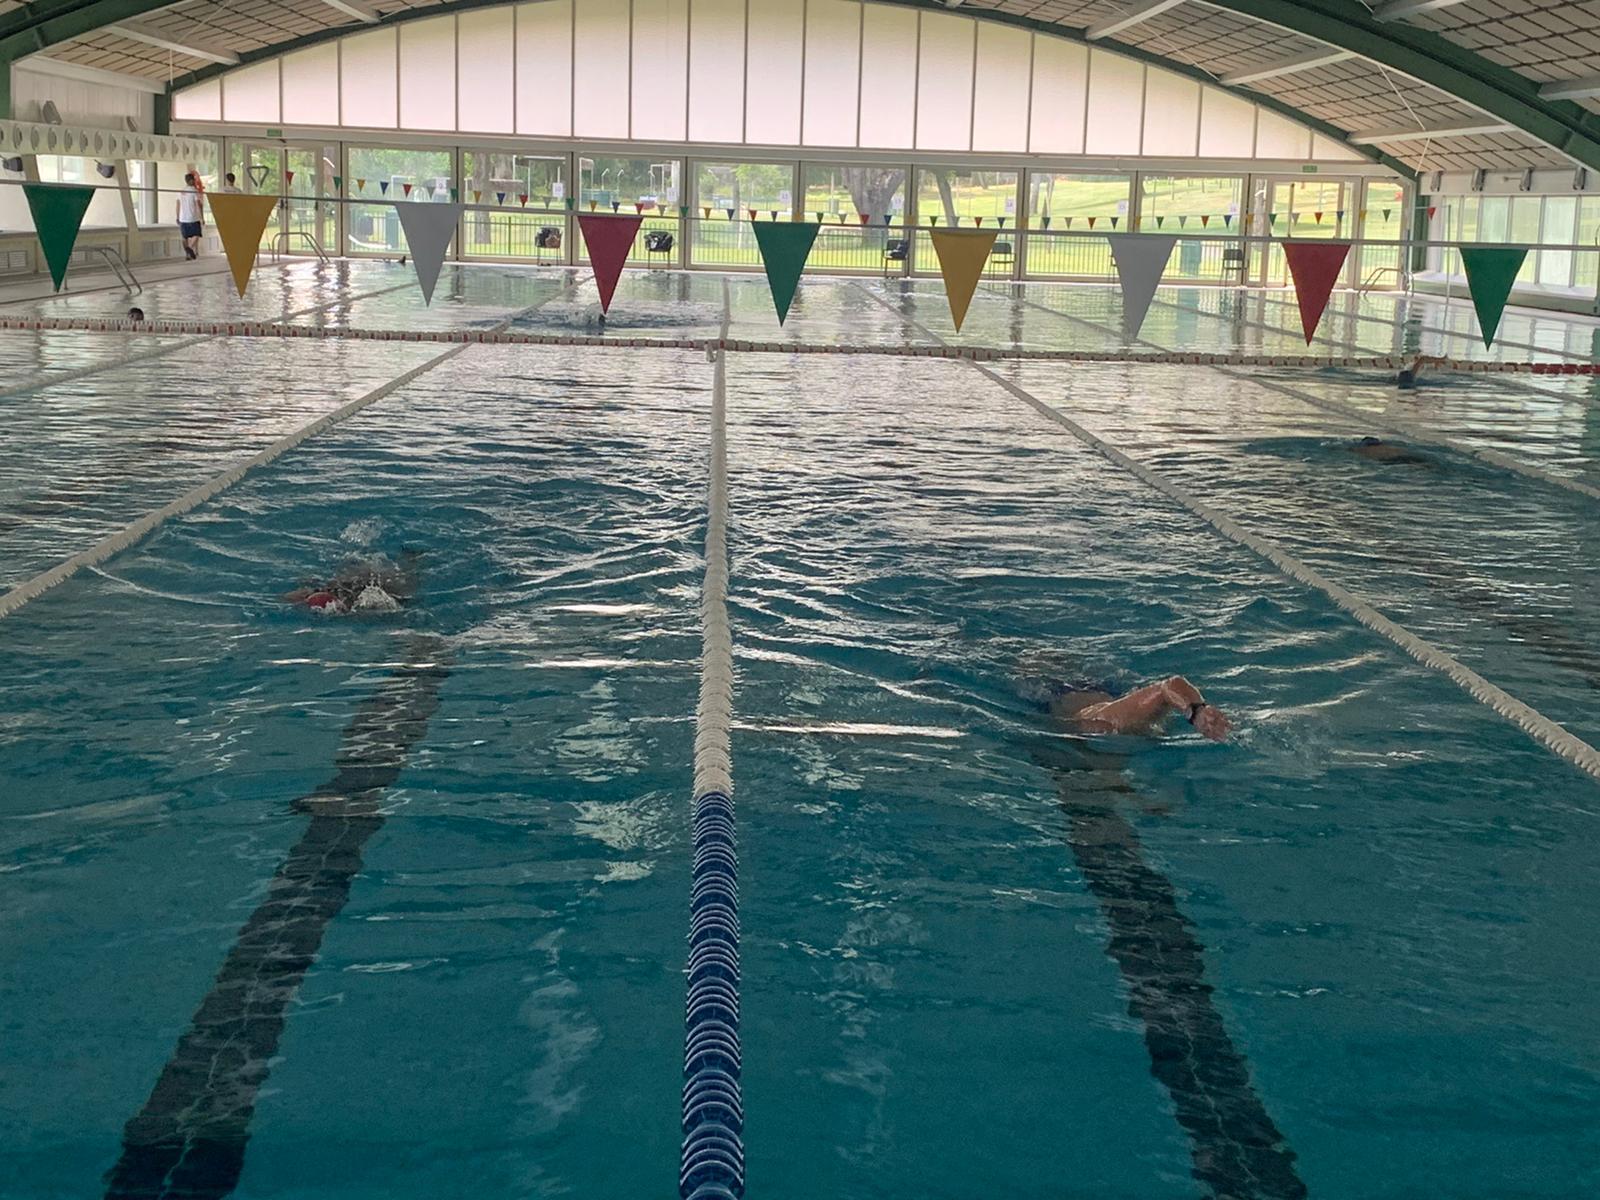 Nadadores en la piscina cubierta del Club.